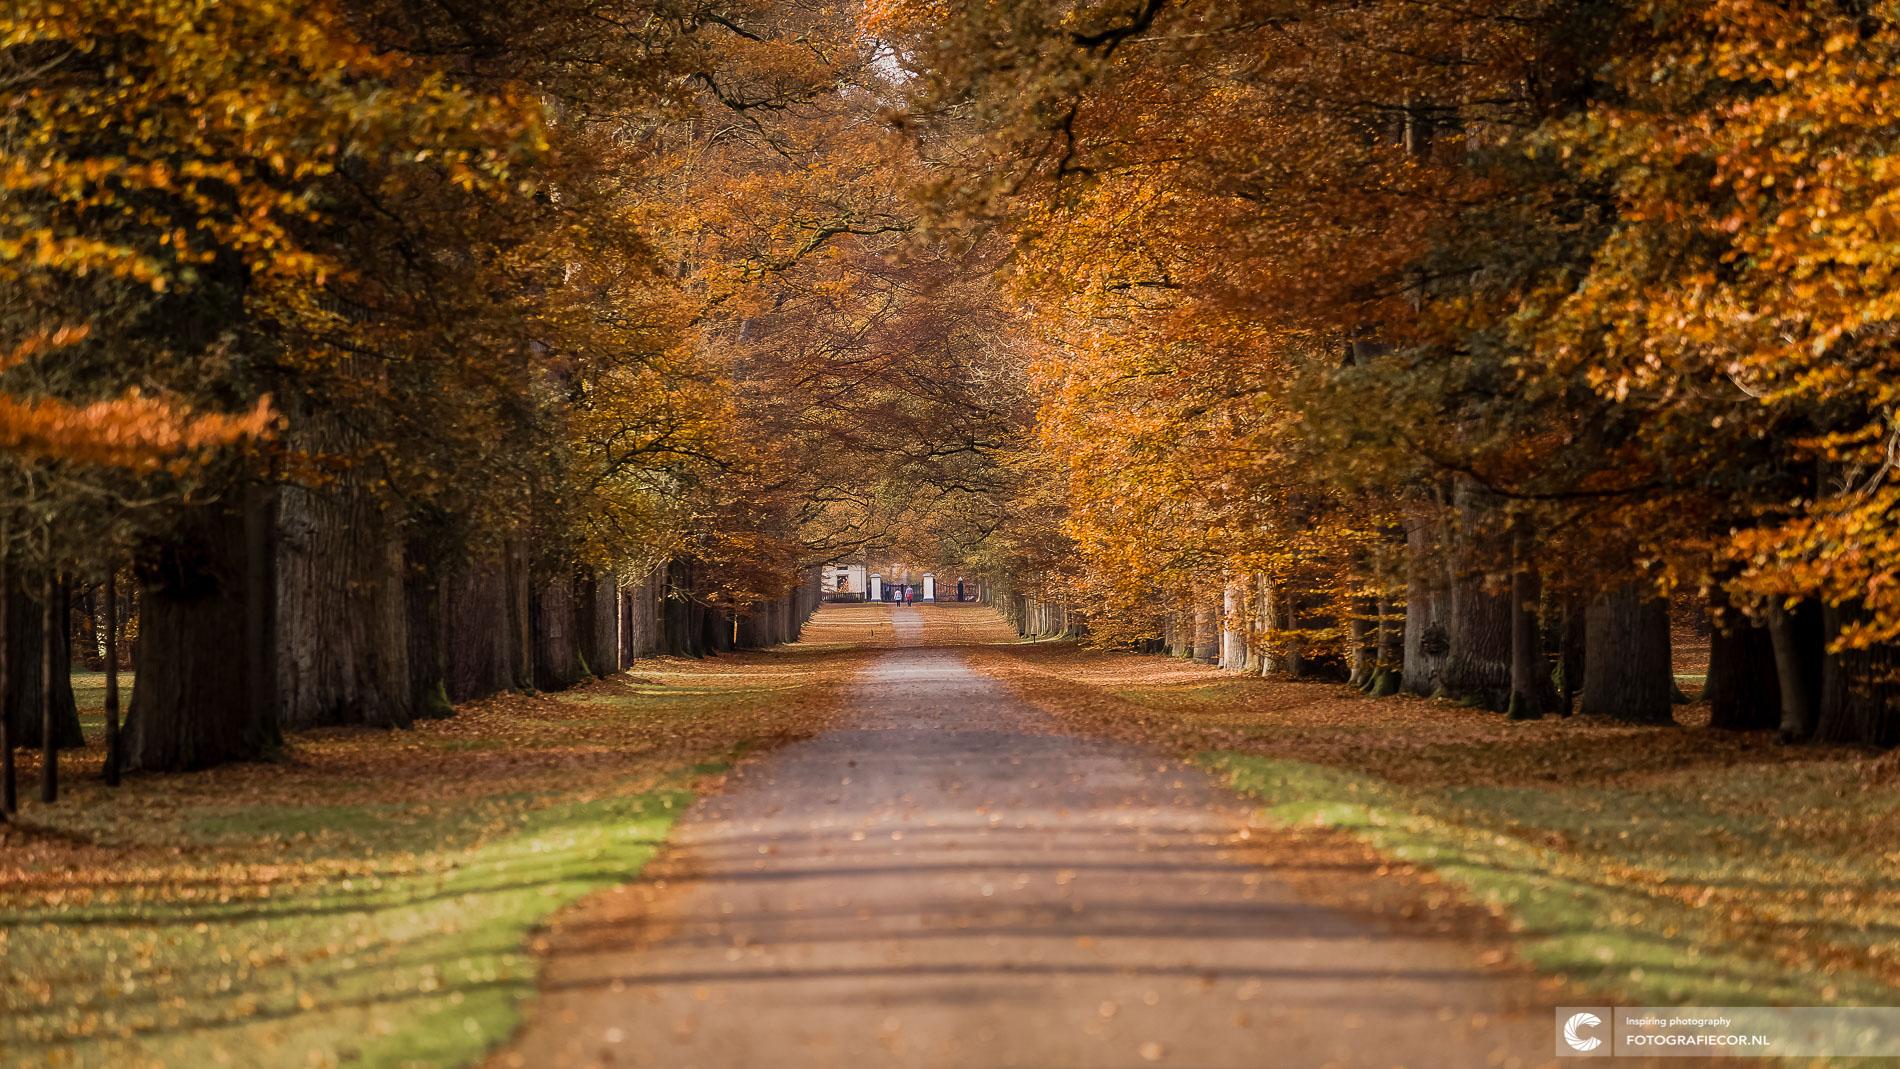 Herfstlandschap Apeldoorn, Paleis 't Loo | Landschapsfotograaf